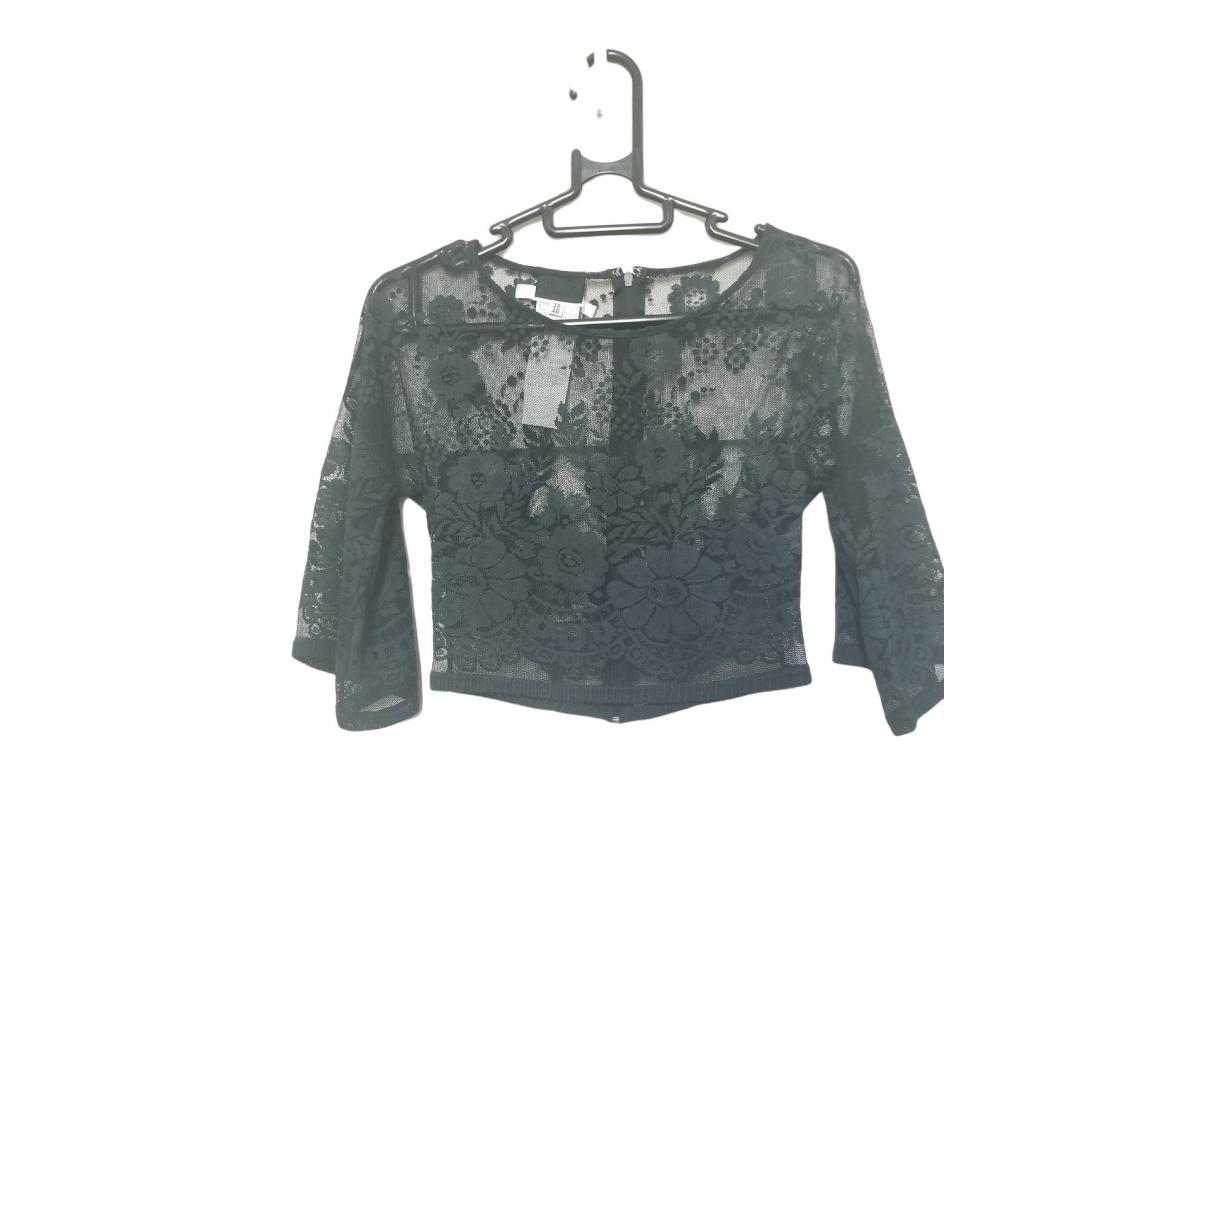 D&g \N Black Cotton  top for Women 40 IT